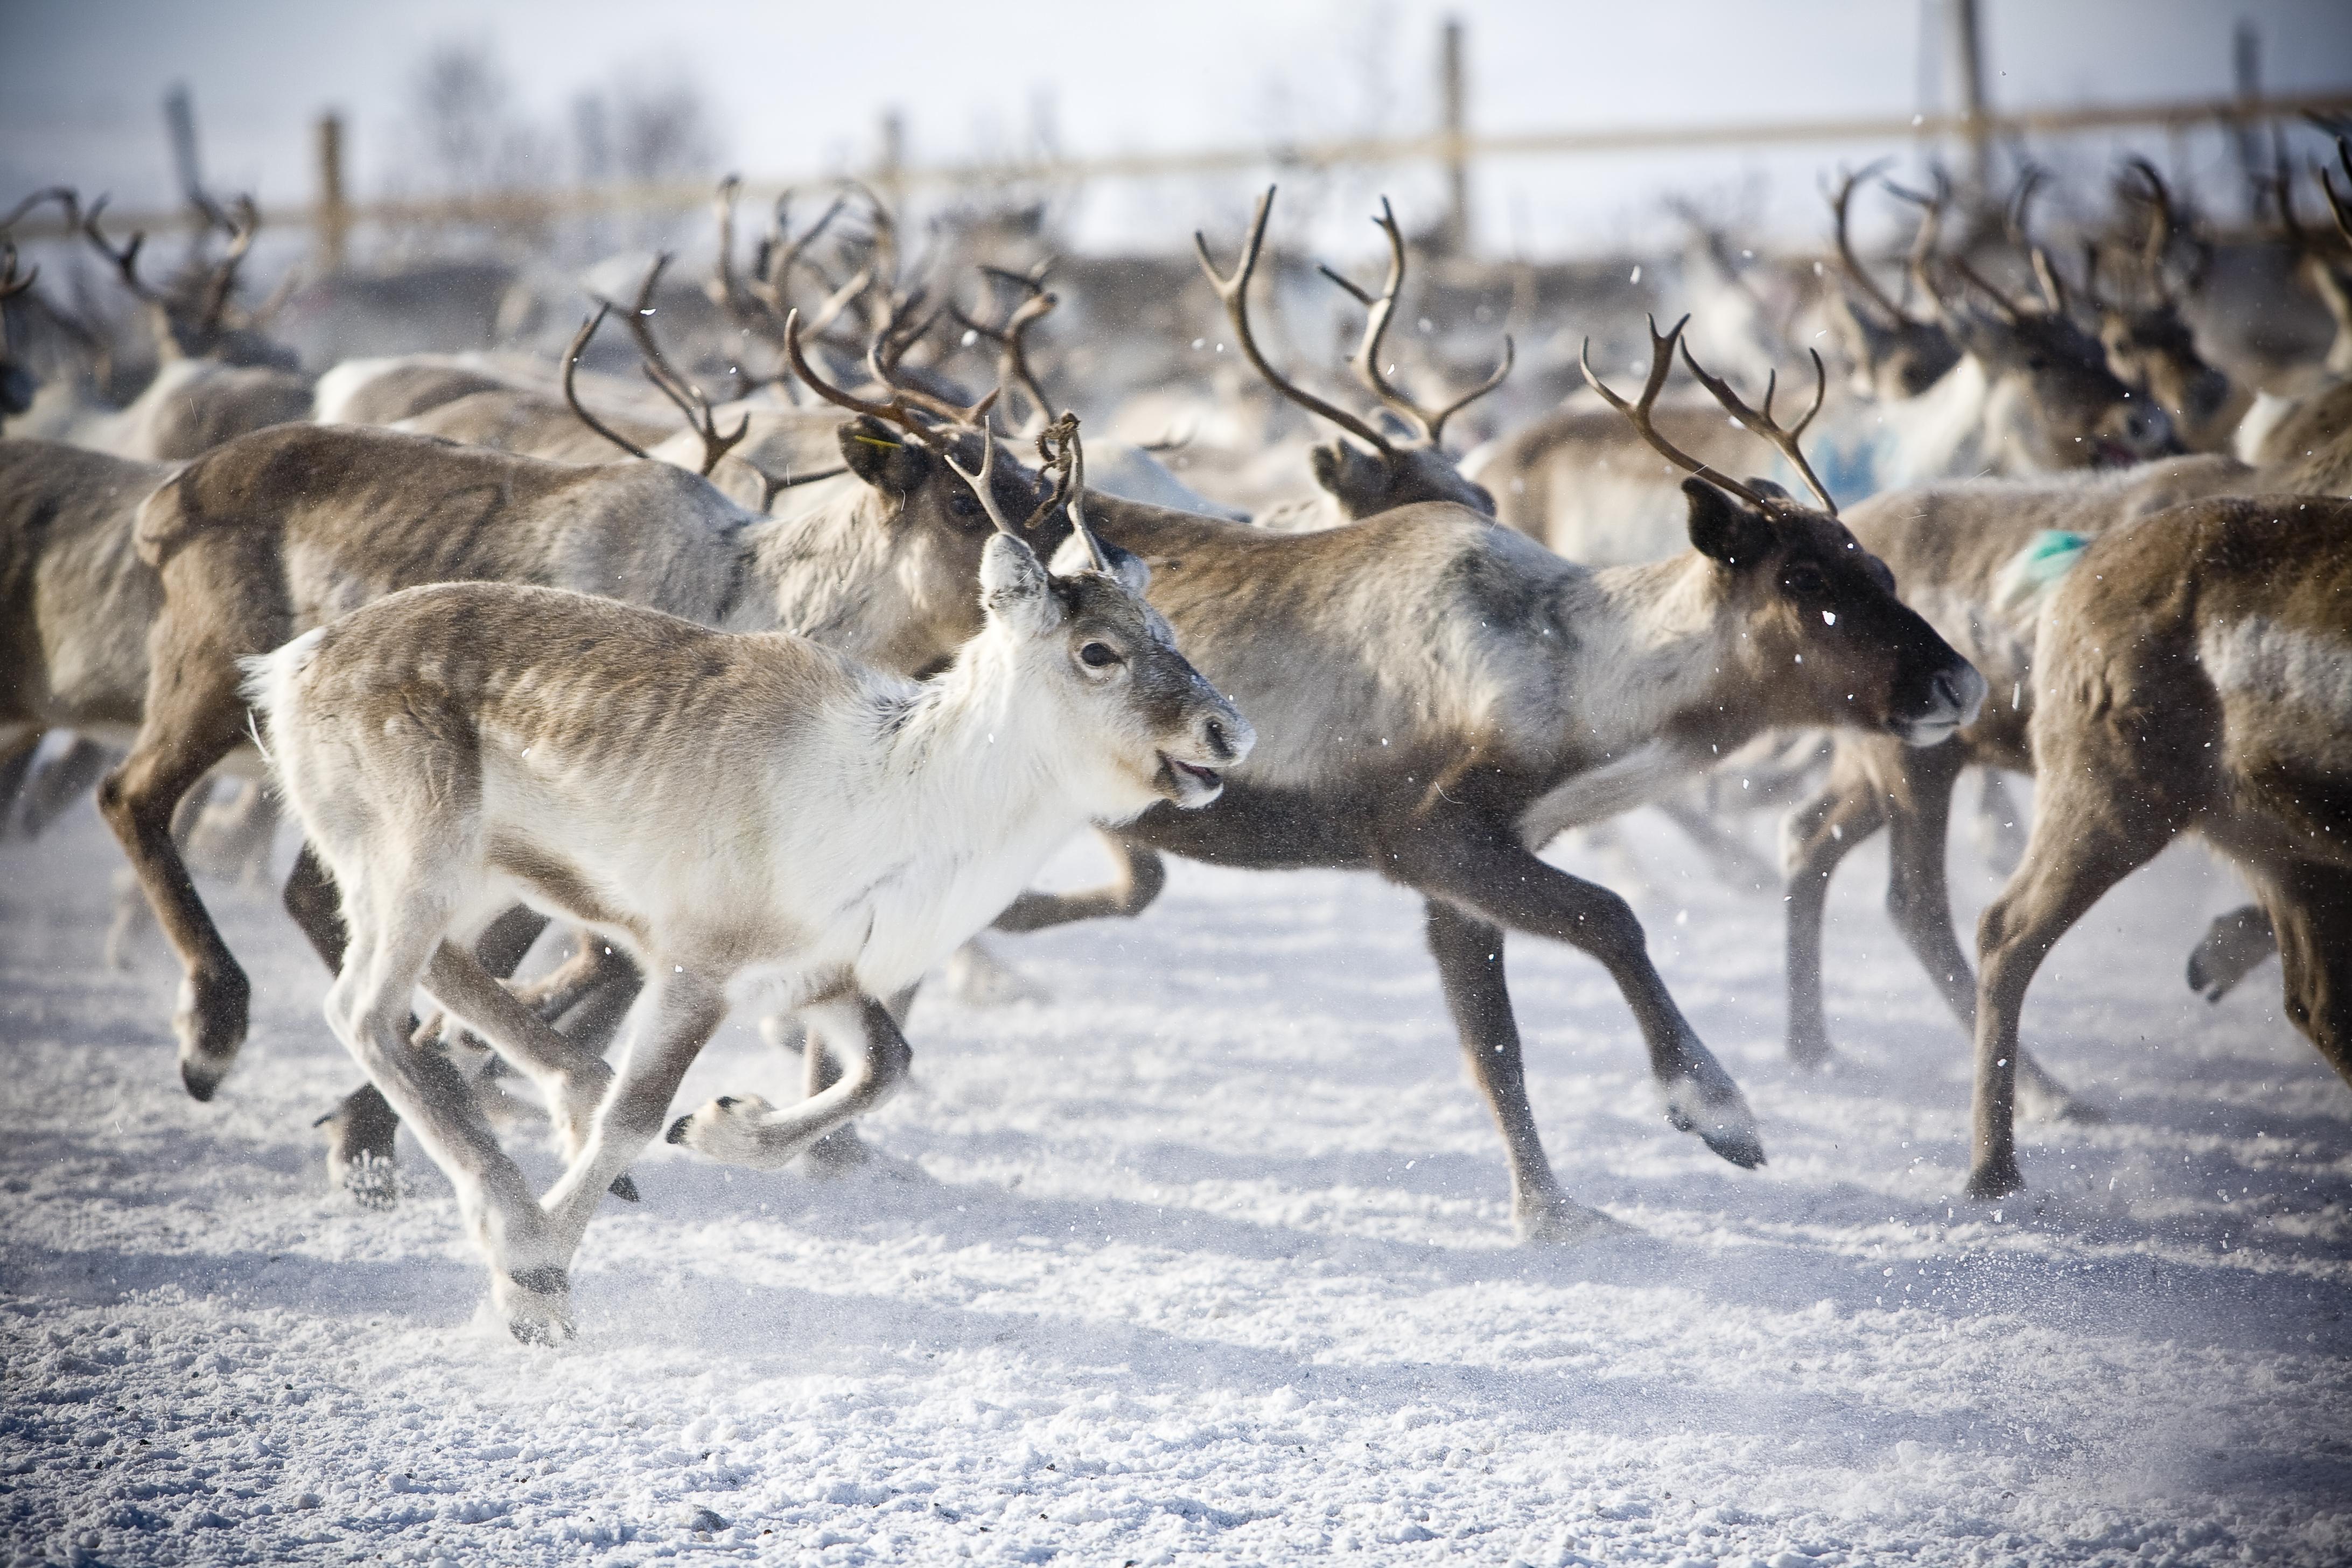 reindeer run across a snowy field filming reindeer